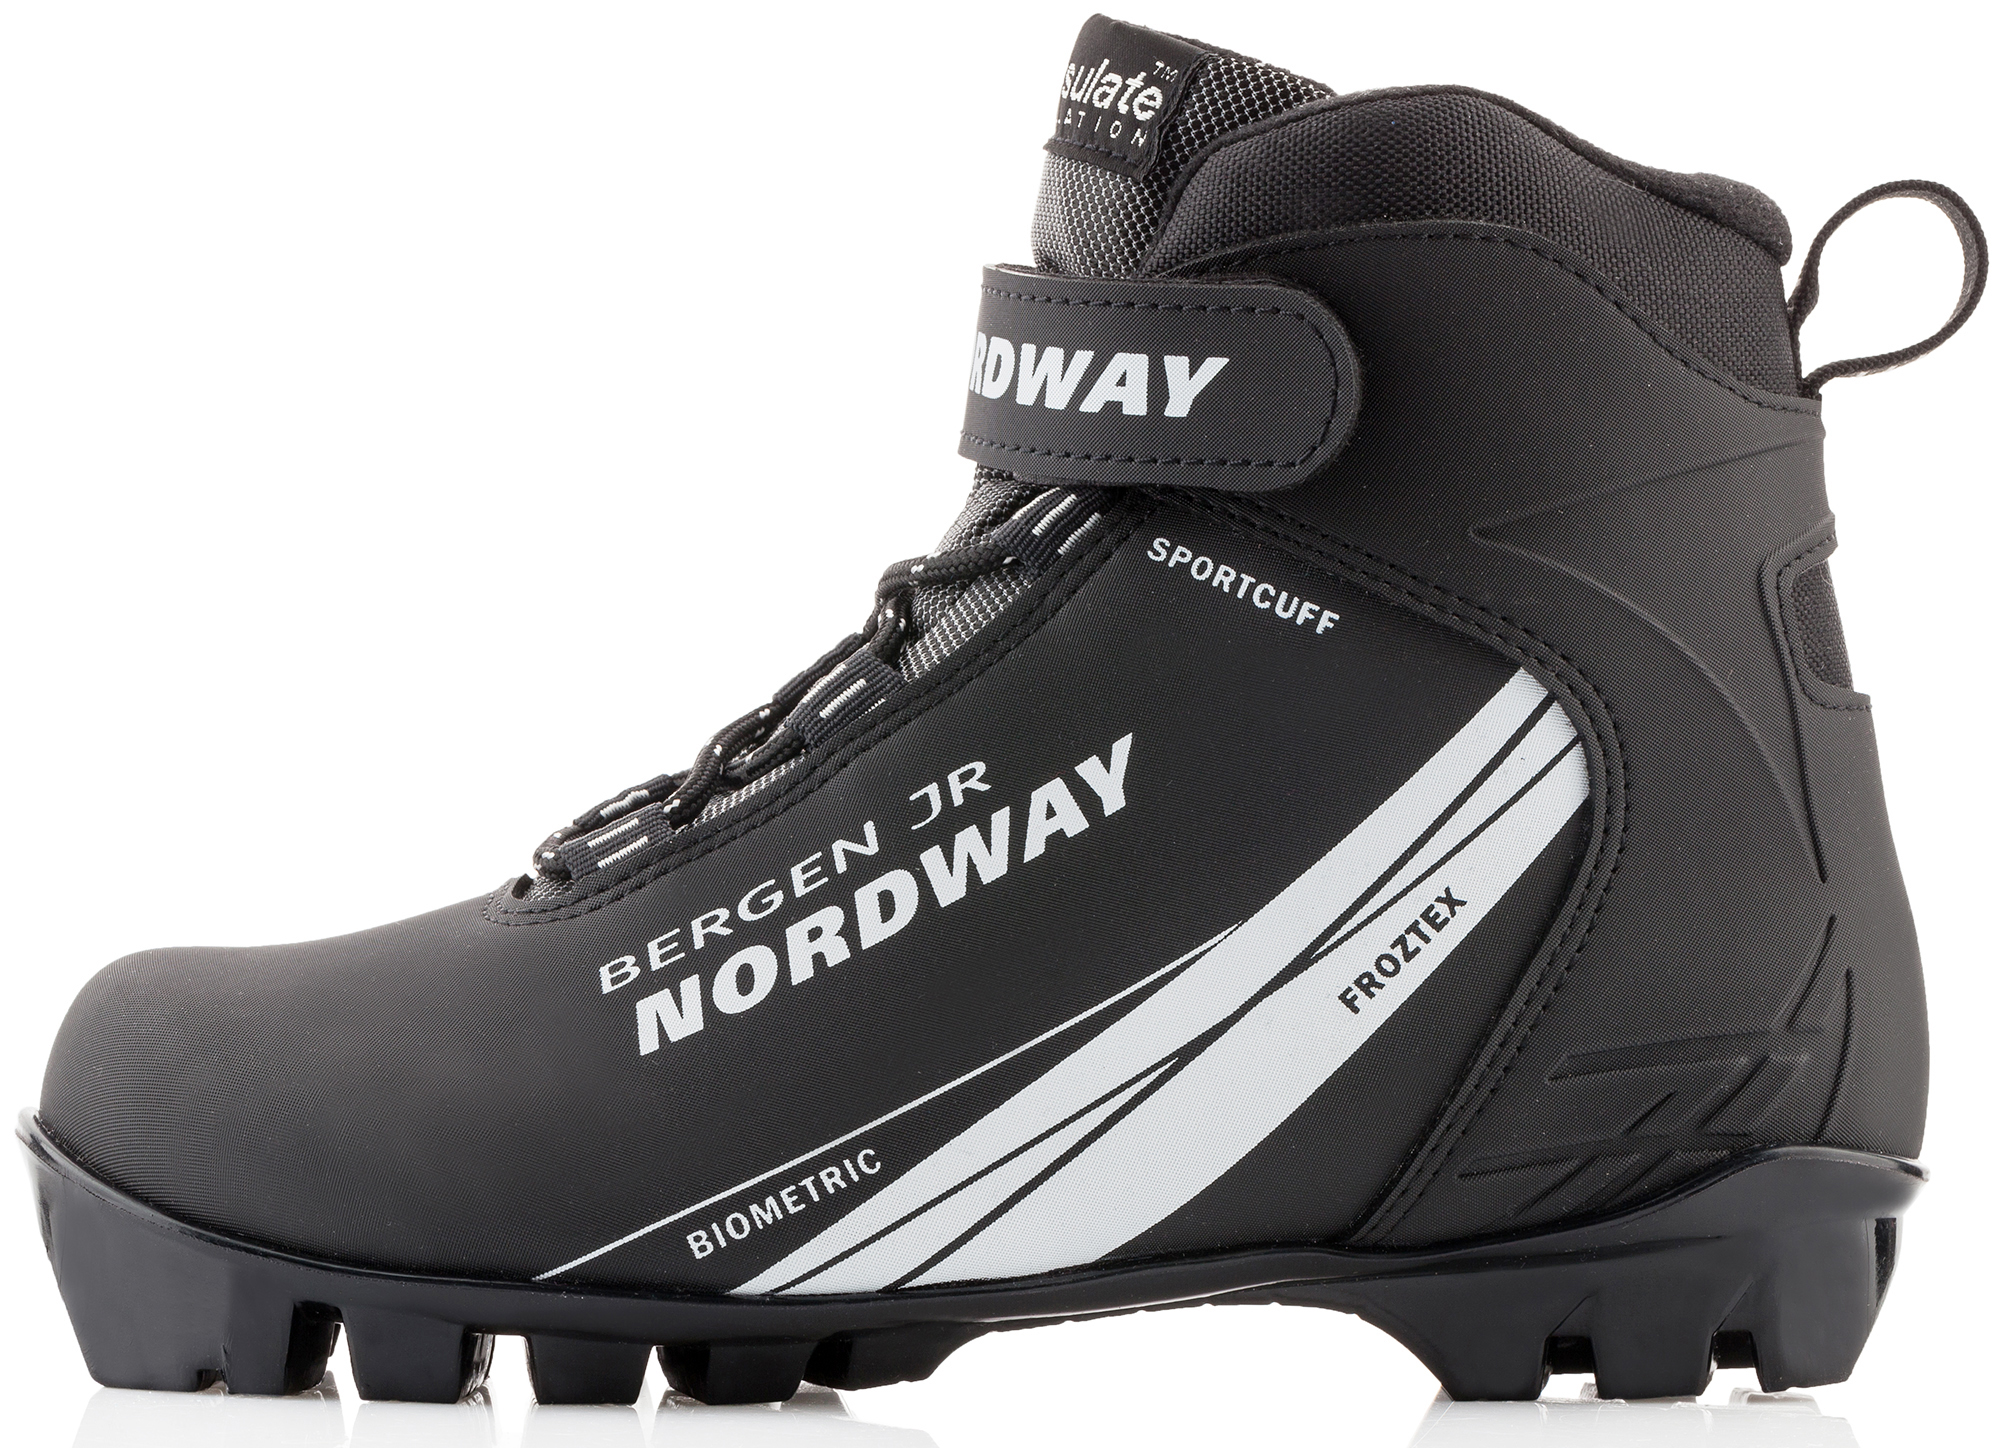 Nordway Ботинки для беговых лыж детские Nordway Bergen палки для беговых лыж женские nordway vega